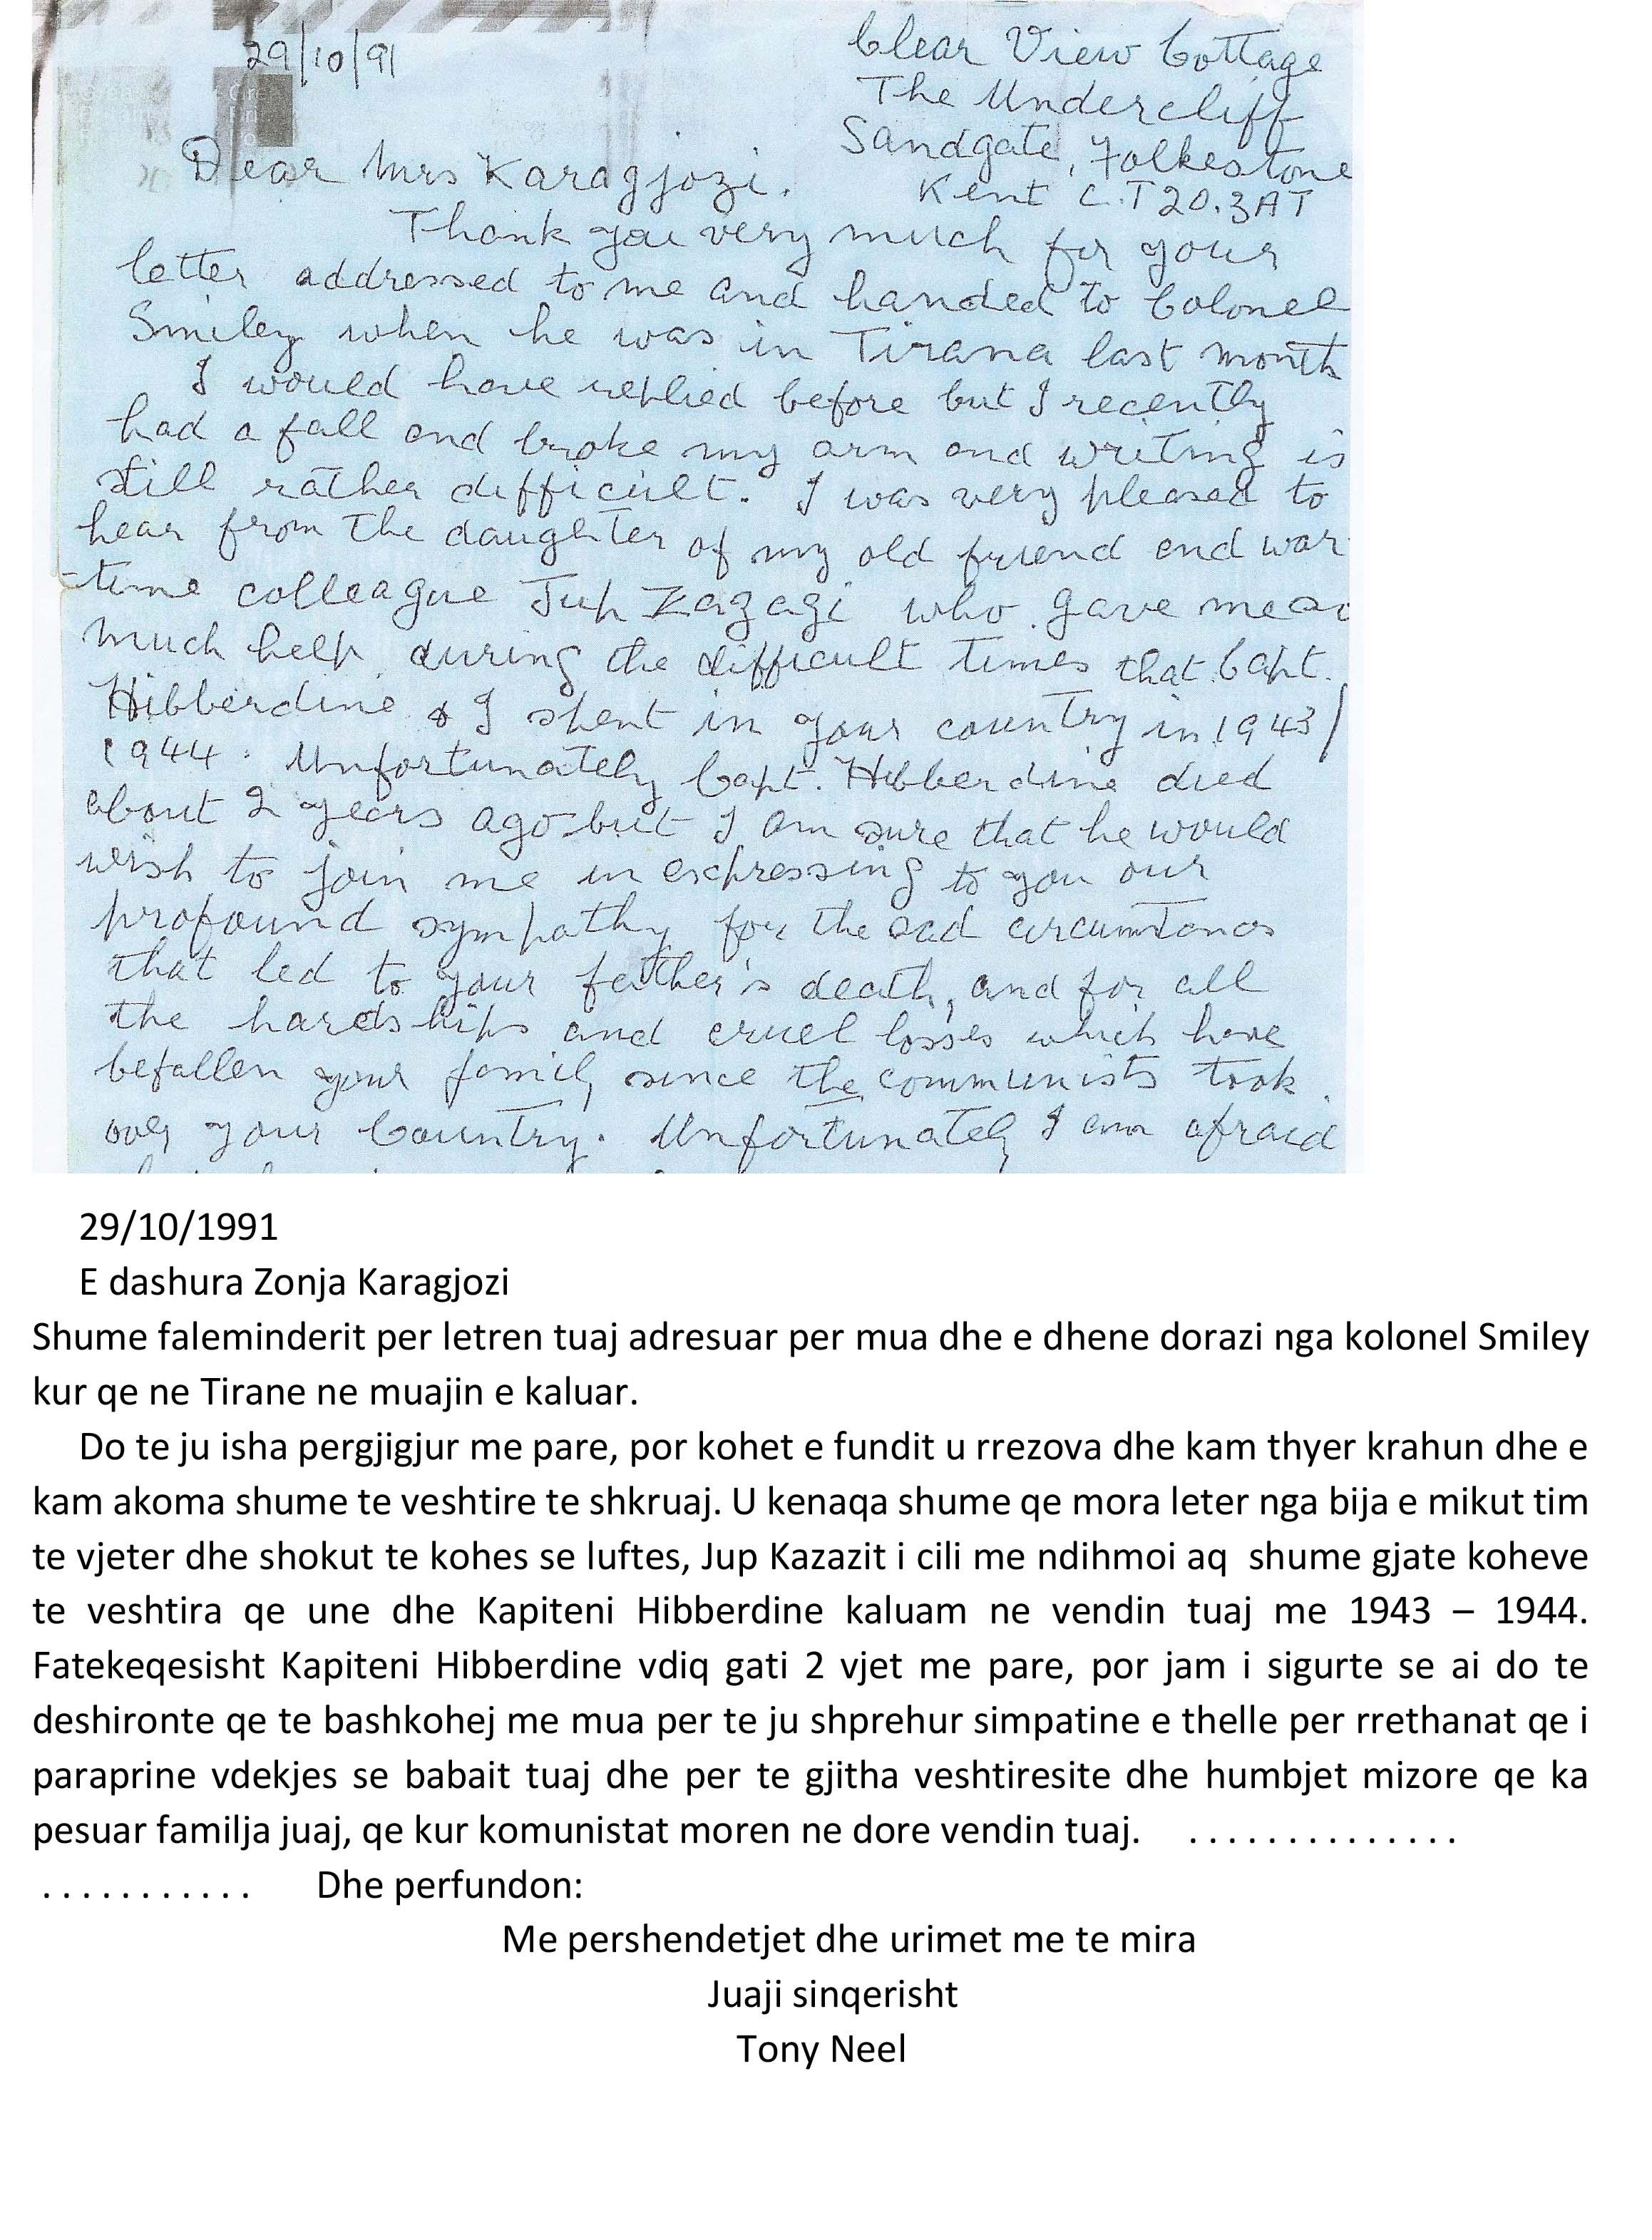 Microsoft Word - Letra Kol Neel-1991-angl e shqip